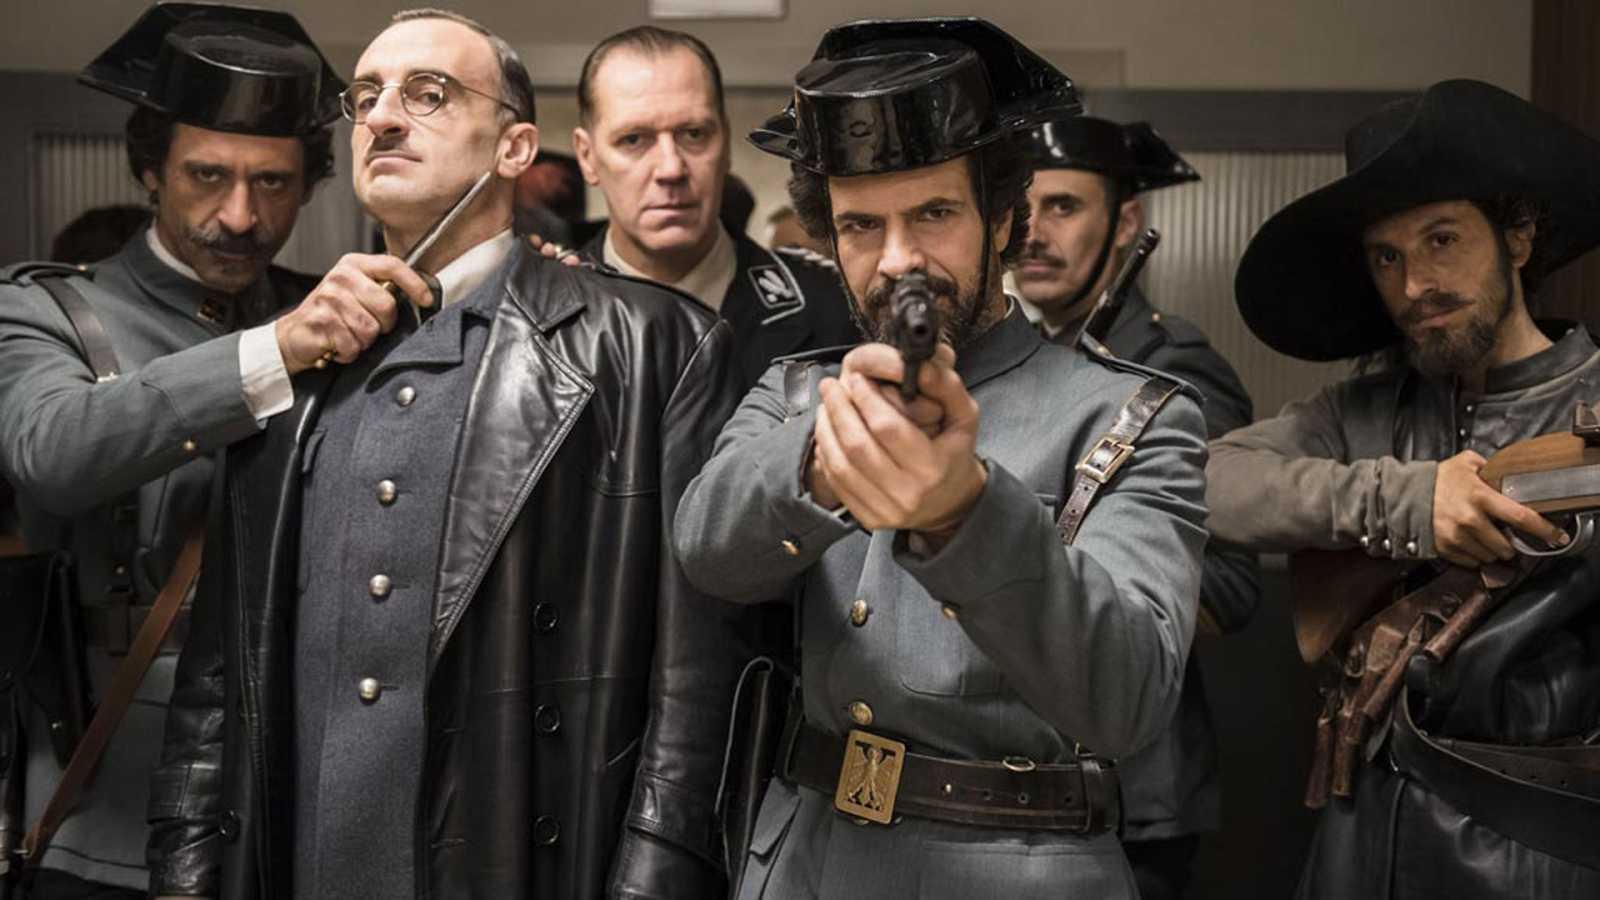 La patrulla de El Ministerio del Tiempo en el capítulo 3 de la primera temporada